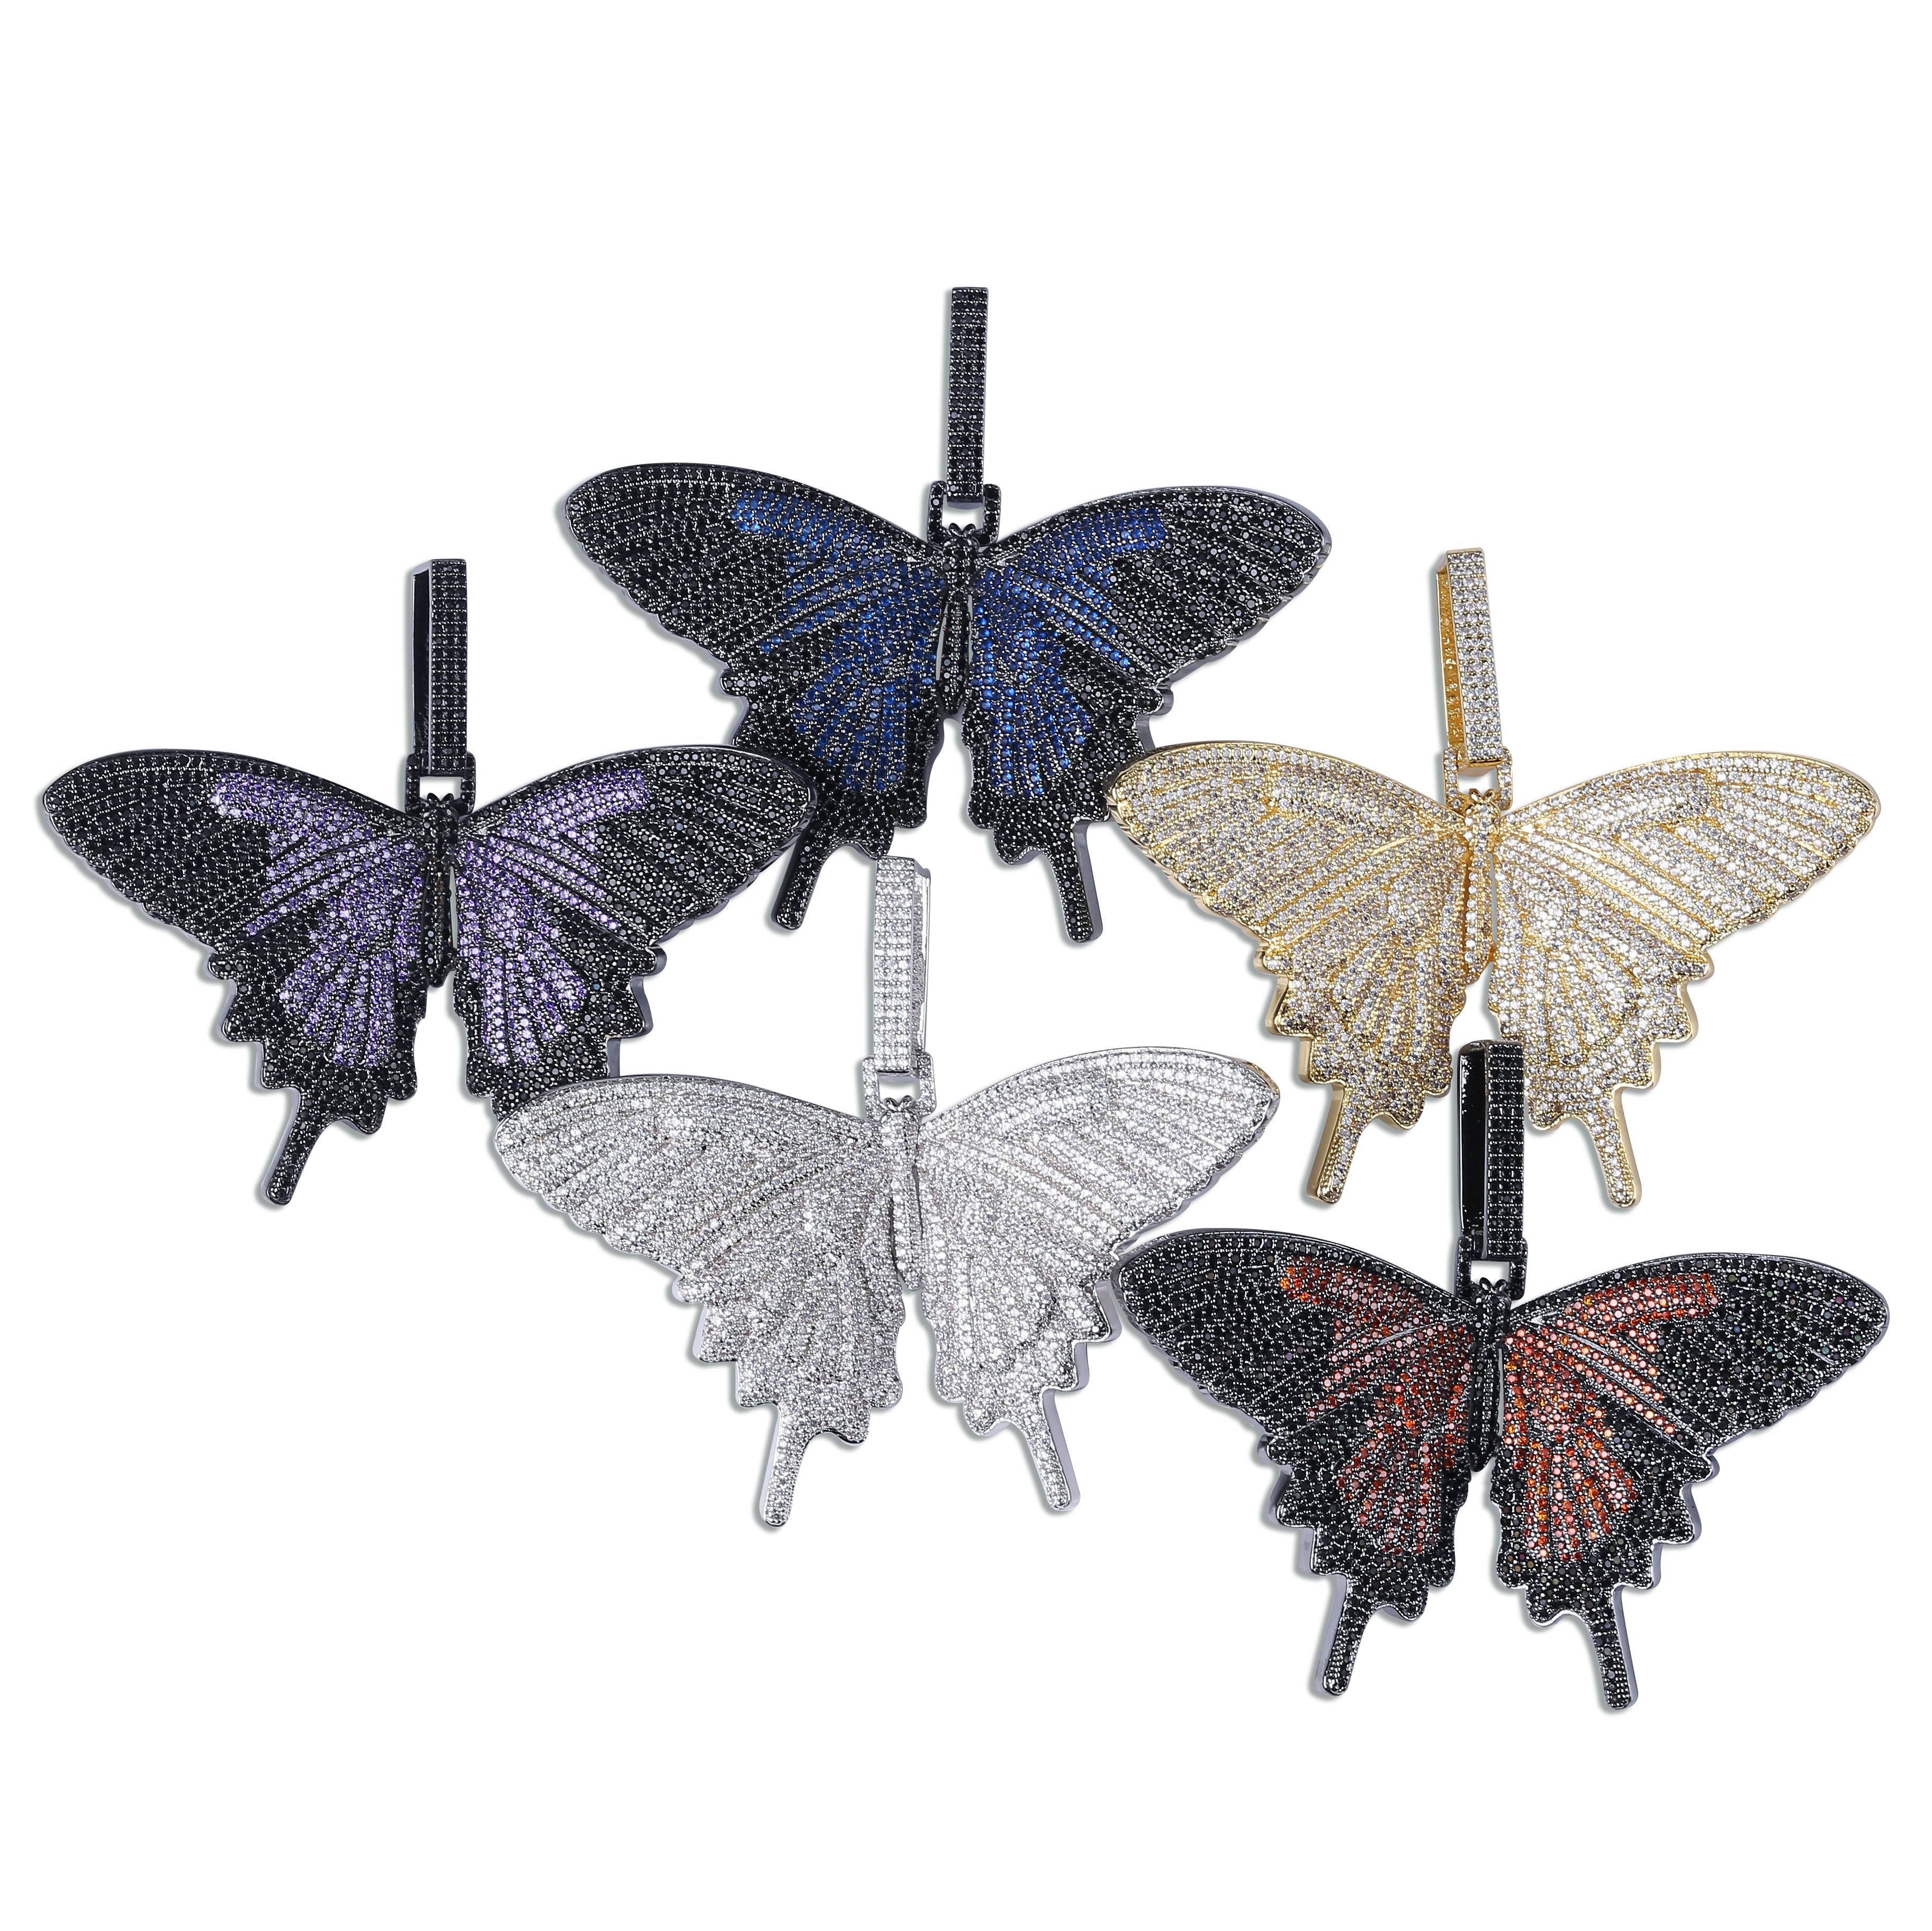 Nouveau collier pendentif ailes de papillon glacé personnalisé avec chaîne cubaine 12mm couleur or argent bijoux de chaîne de charme Hip Hop